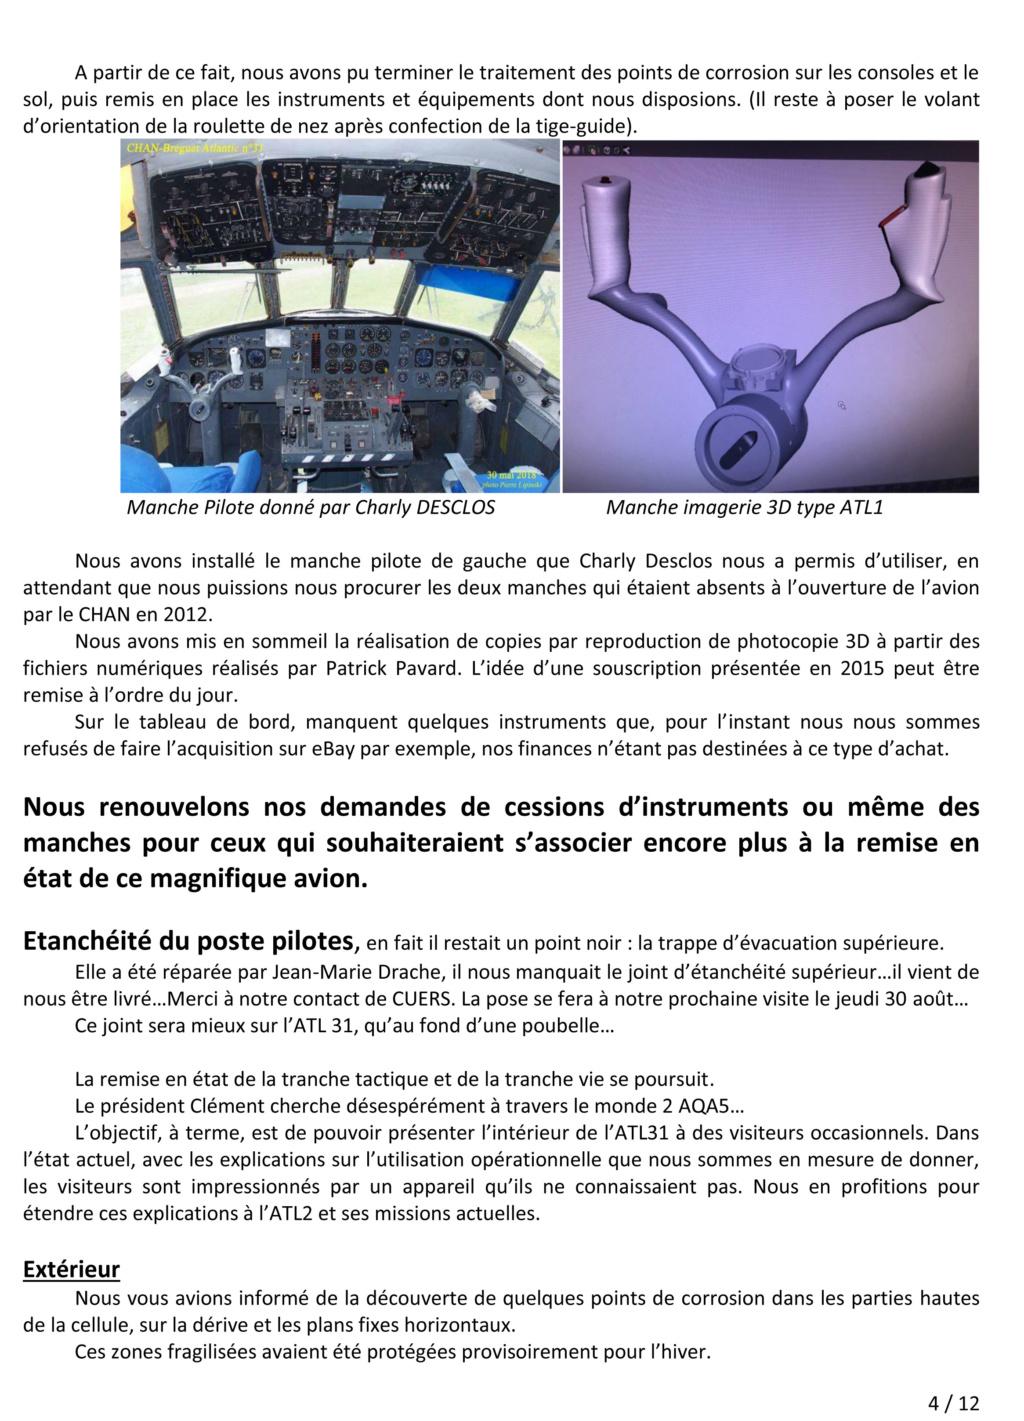 [Associations anciens marins] C.H.A.N.-Nîmes (Conservatoire Historique de l'Aéronavale-Nîmes) - Page 5 2018_013